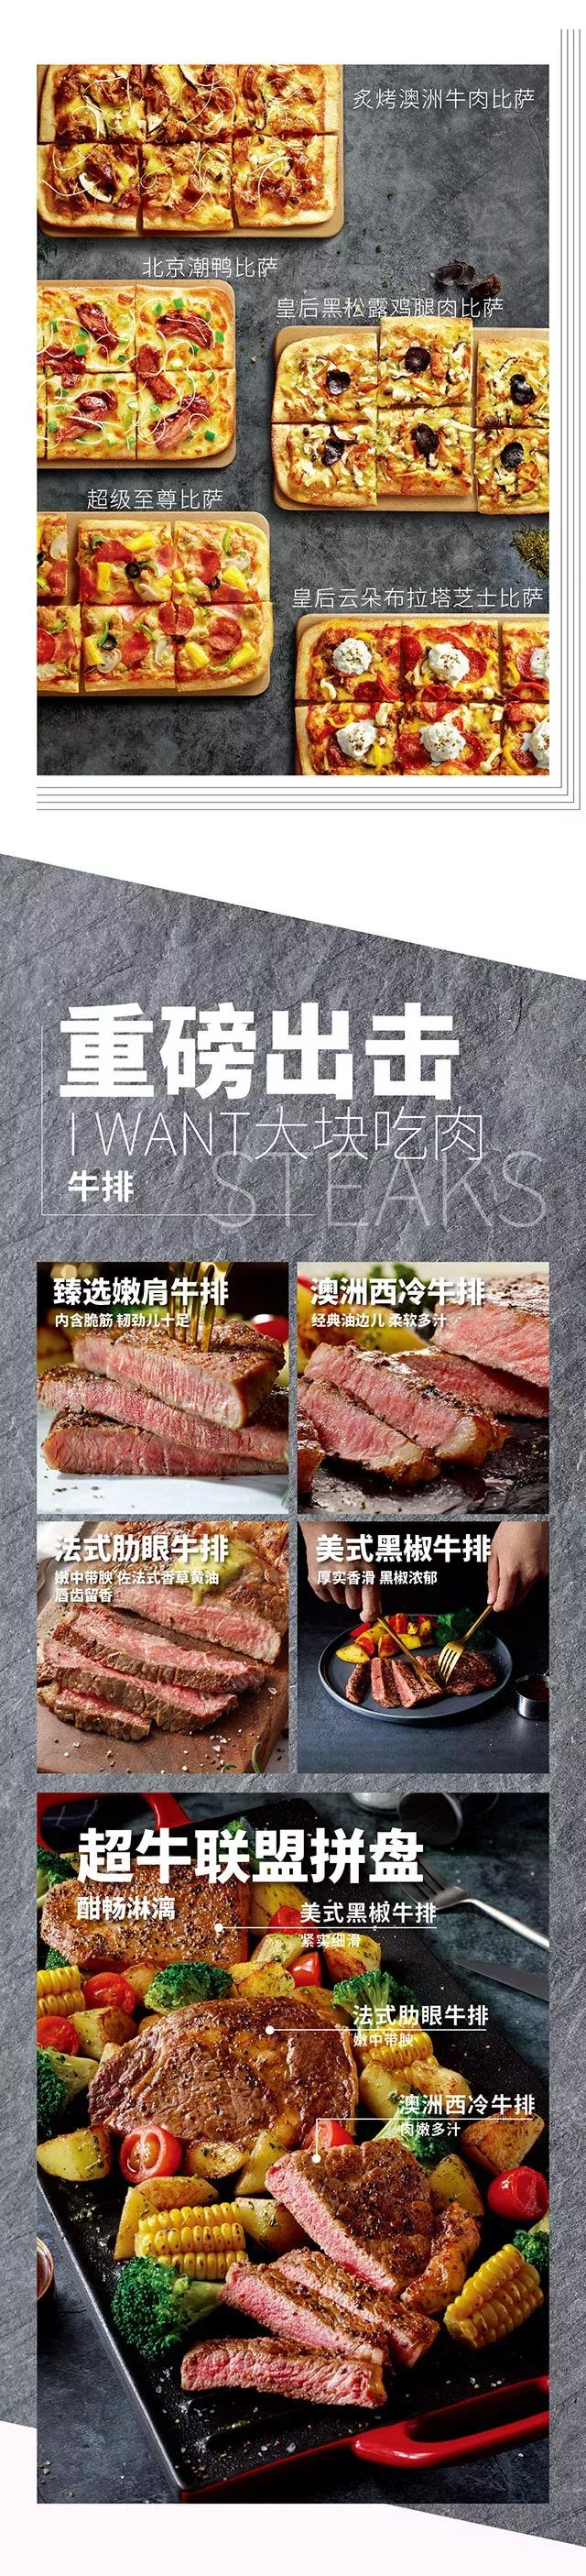 必胜客新菜单预告 焕新美味即将开启 还有精美礼品放送